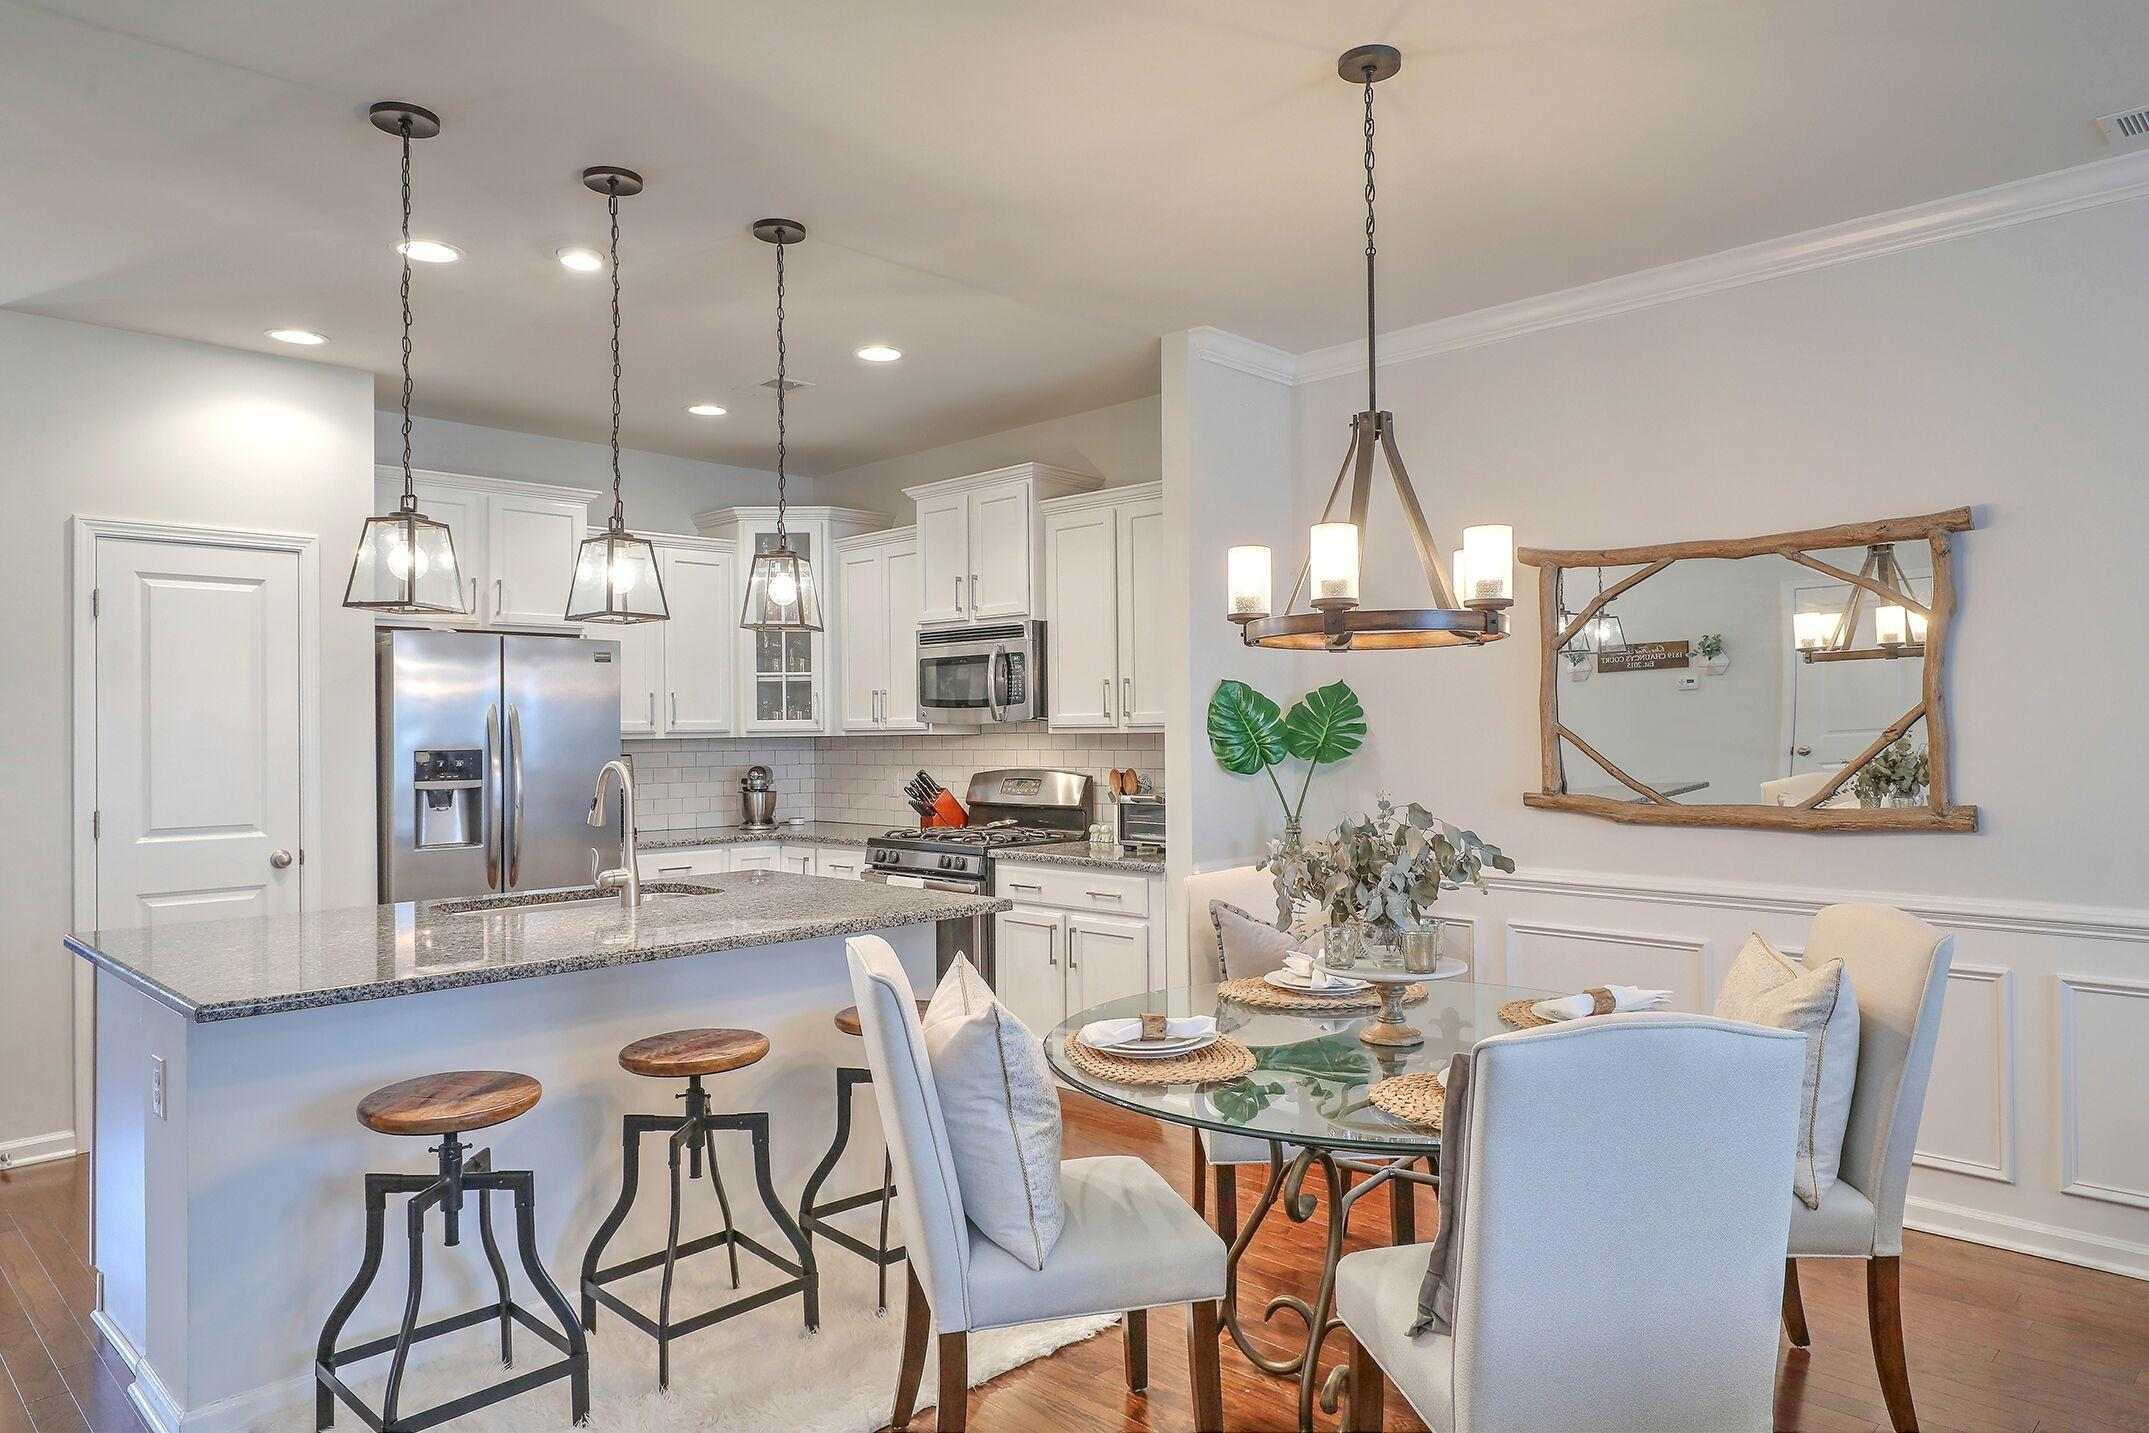 Park West Homes For Sale - 1819 Chauncys, Mount Pleasant, SC - 9